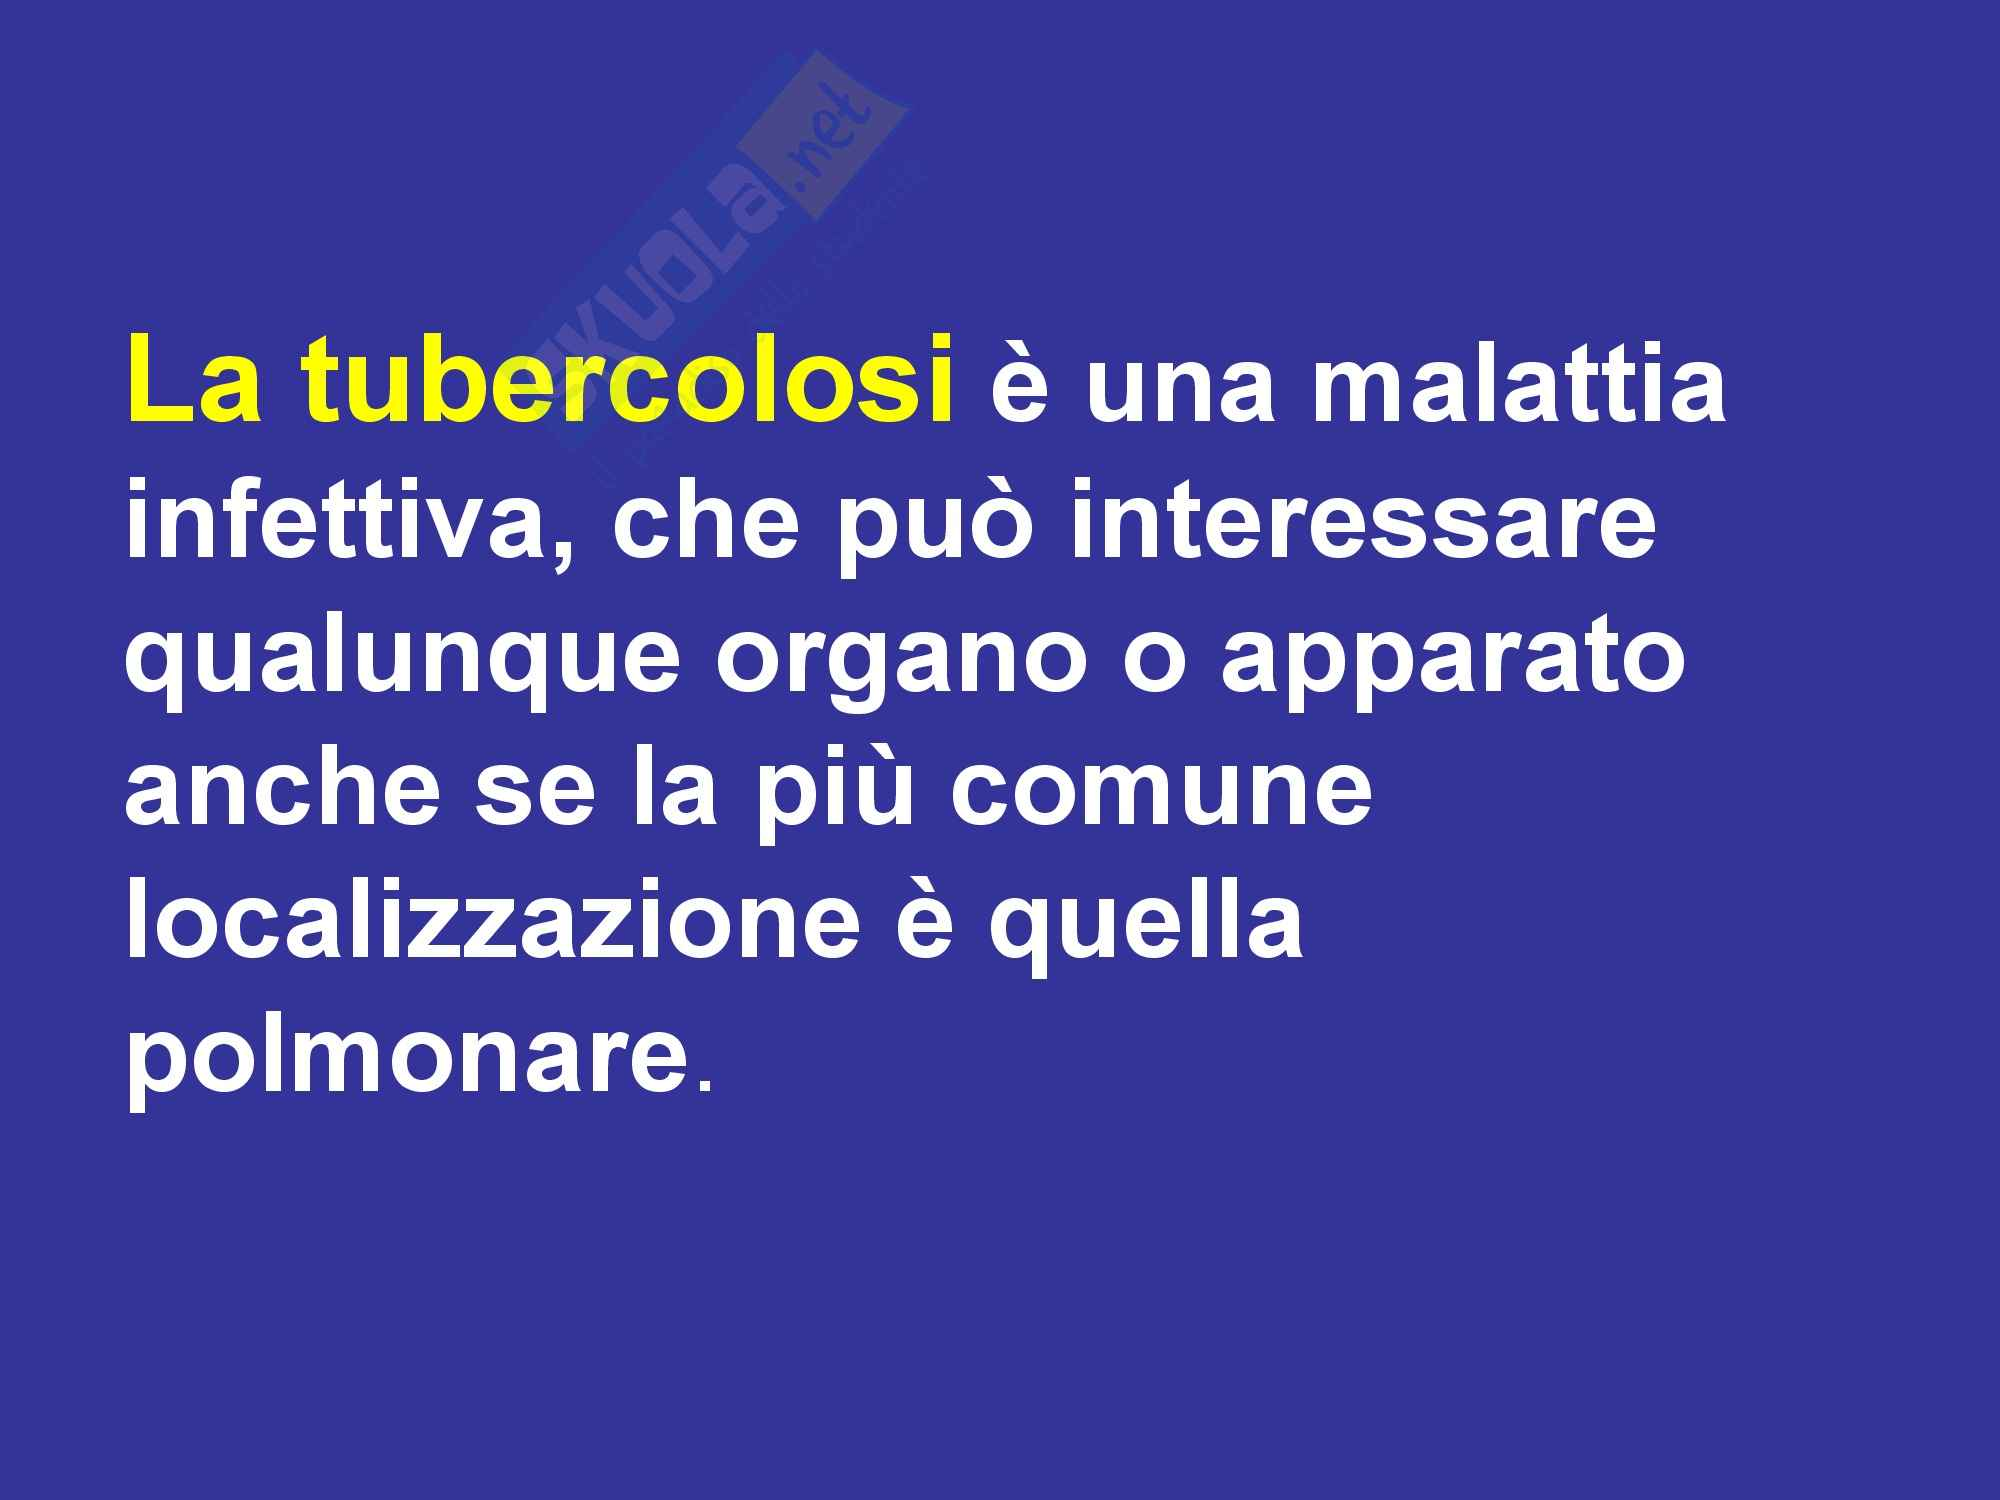 Malattie dell'apparato respiratorio - TBC Tubercolosi